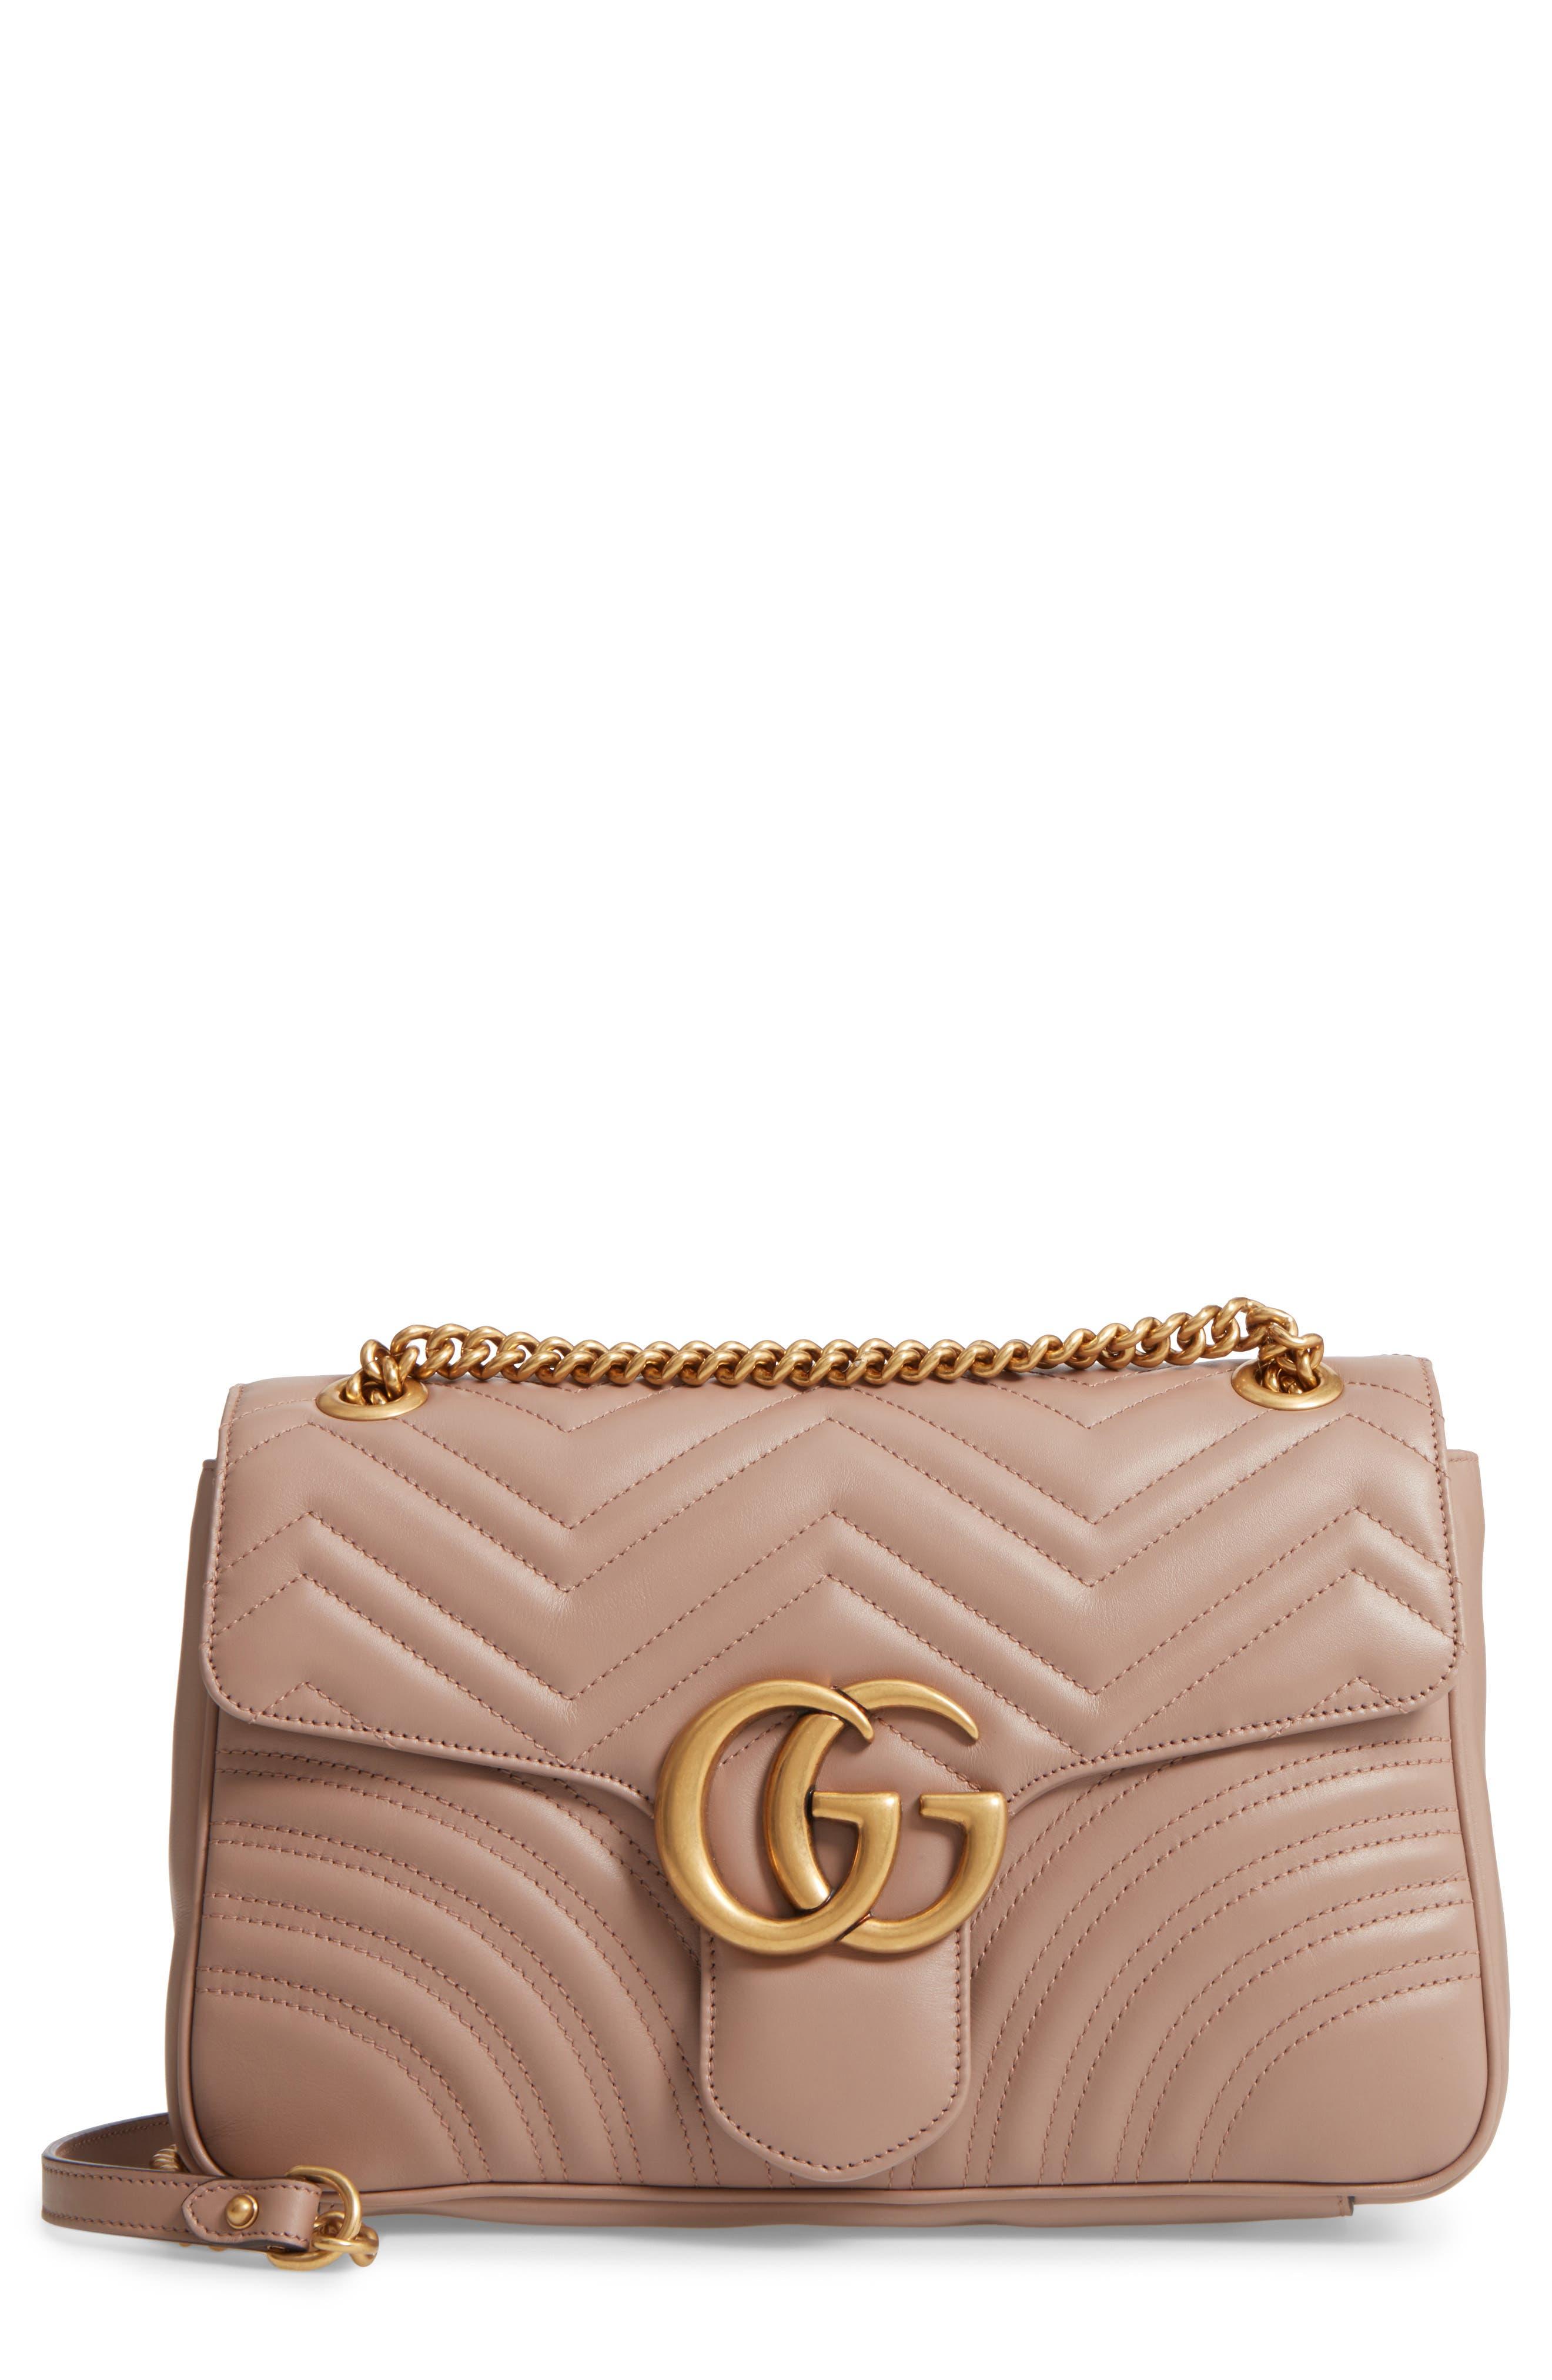 Medium GG Marmont 2.0 Matelassé Leather Shoulder Bag,                         Main,                         color, PORCELAIN ROSE